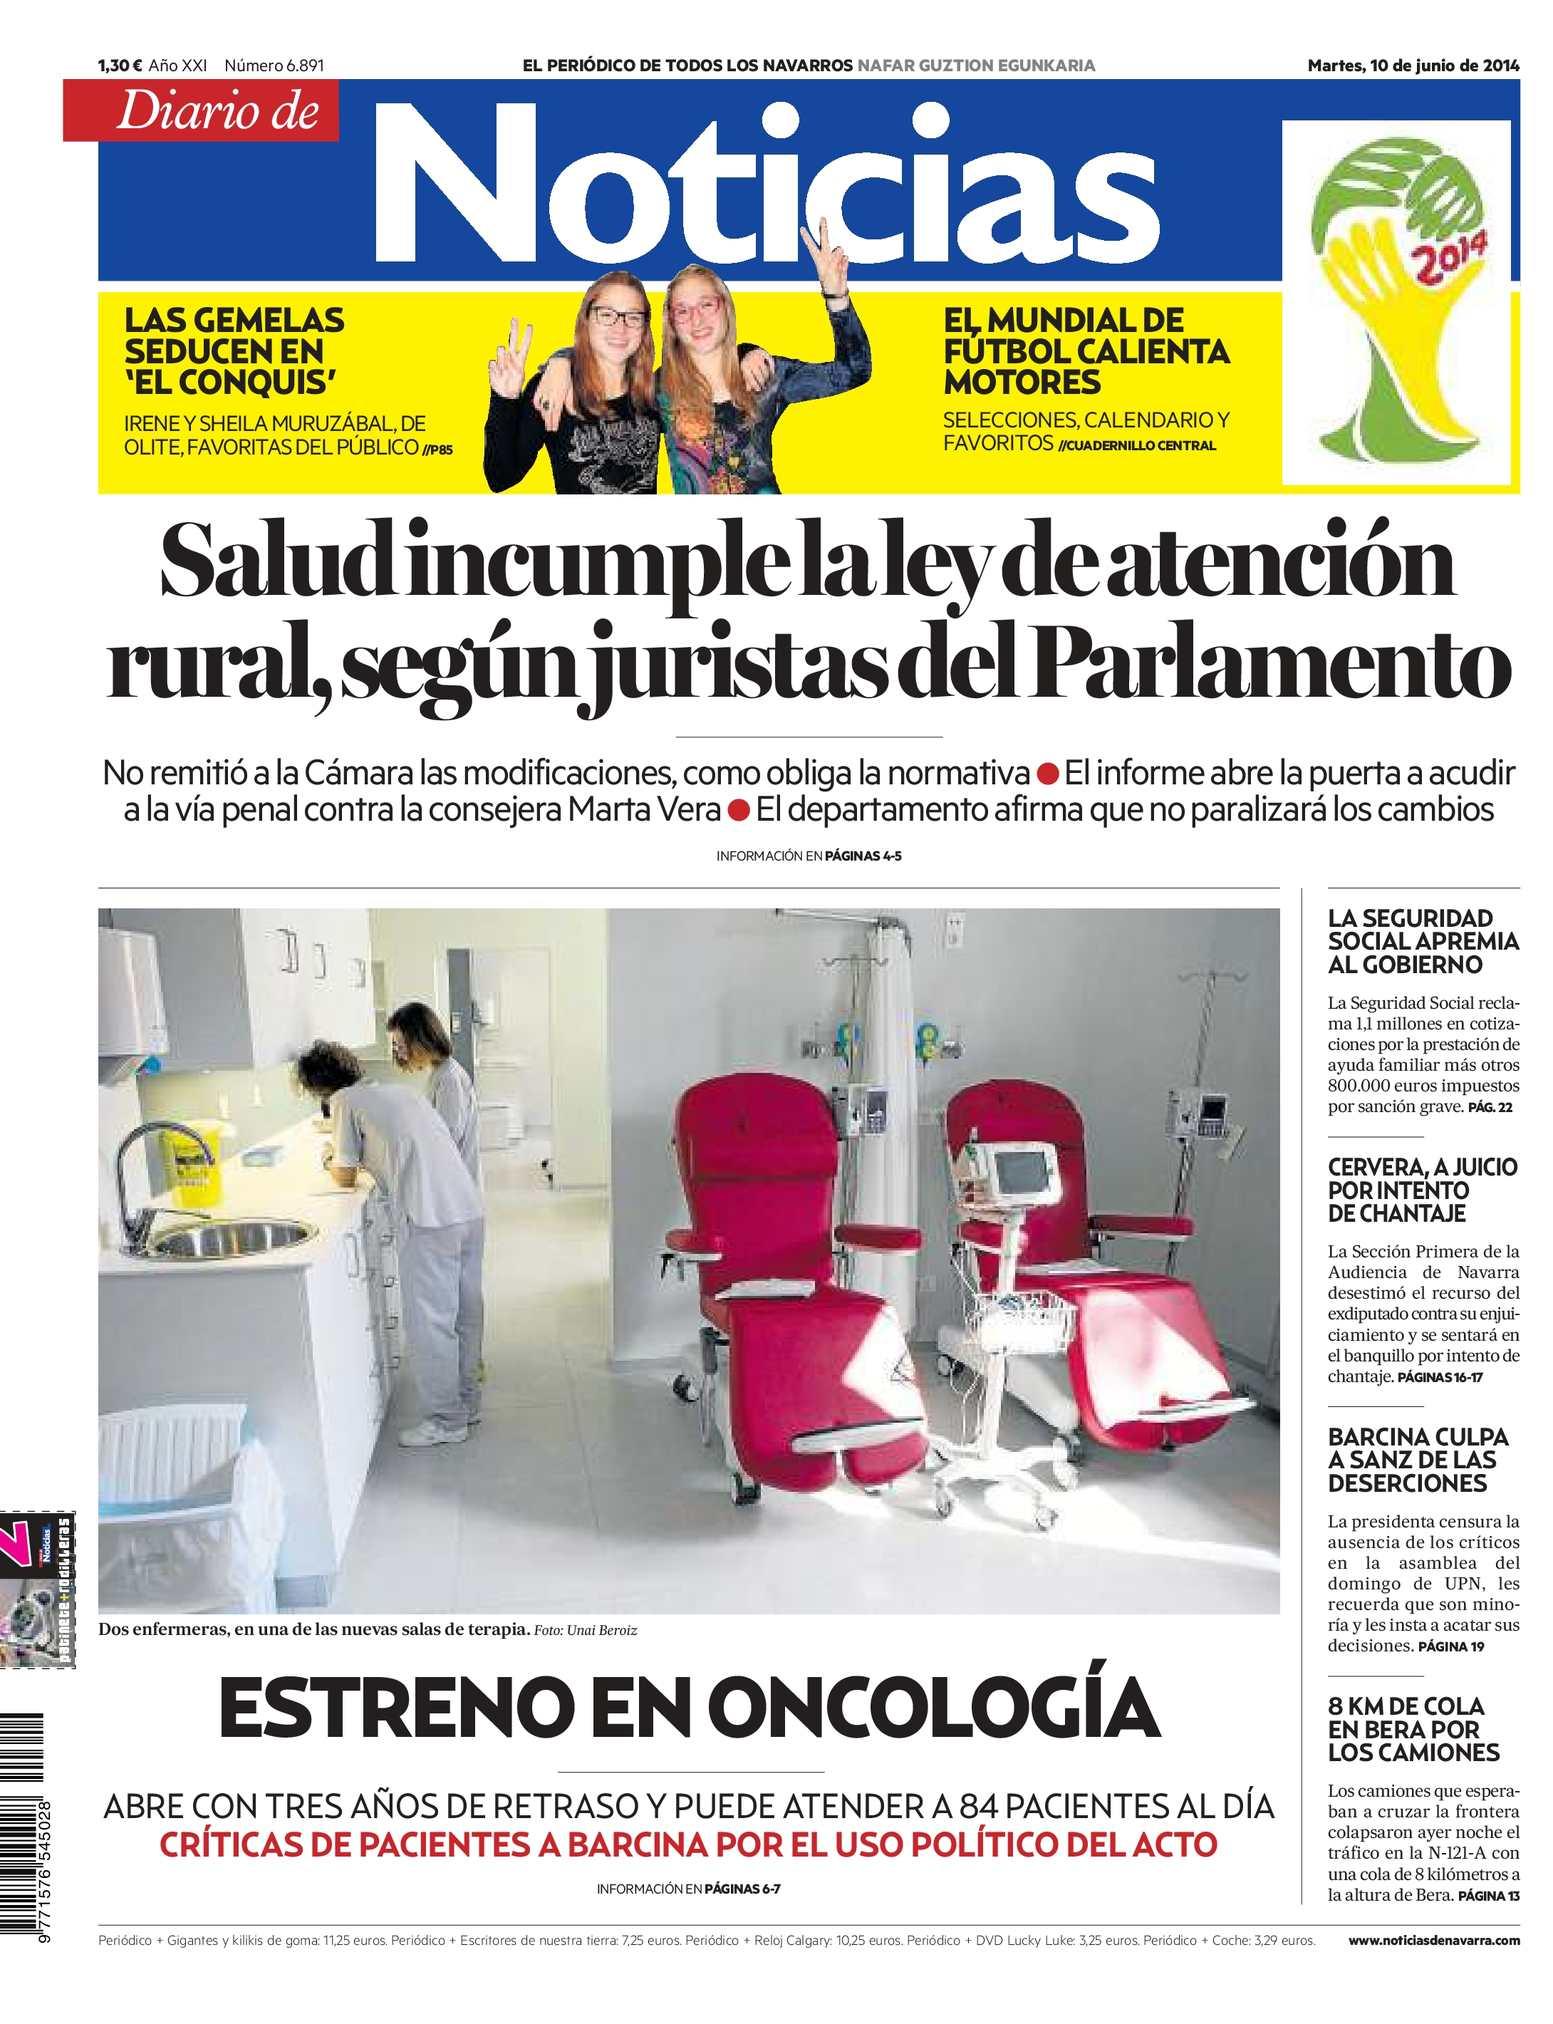 Calaméo - Diario de Noticias 20140610